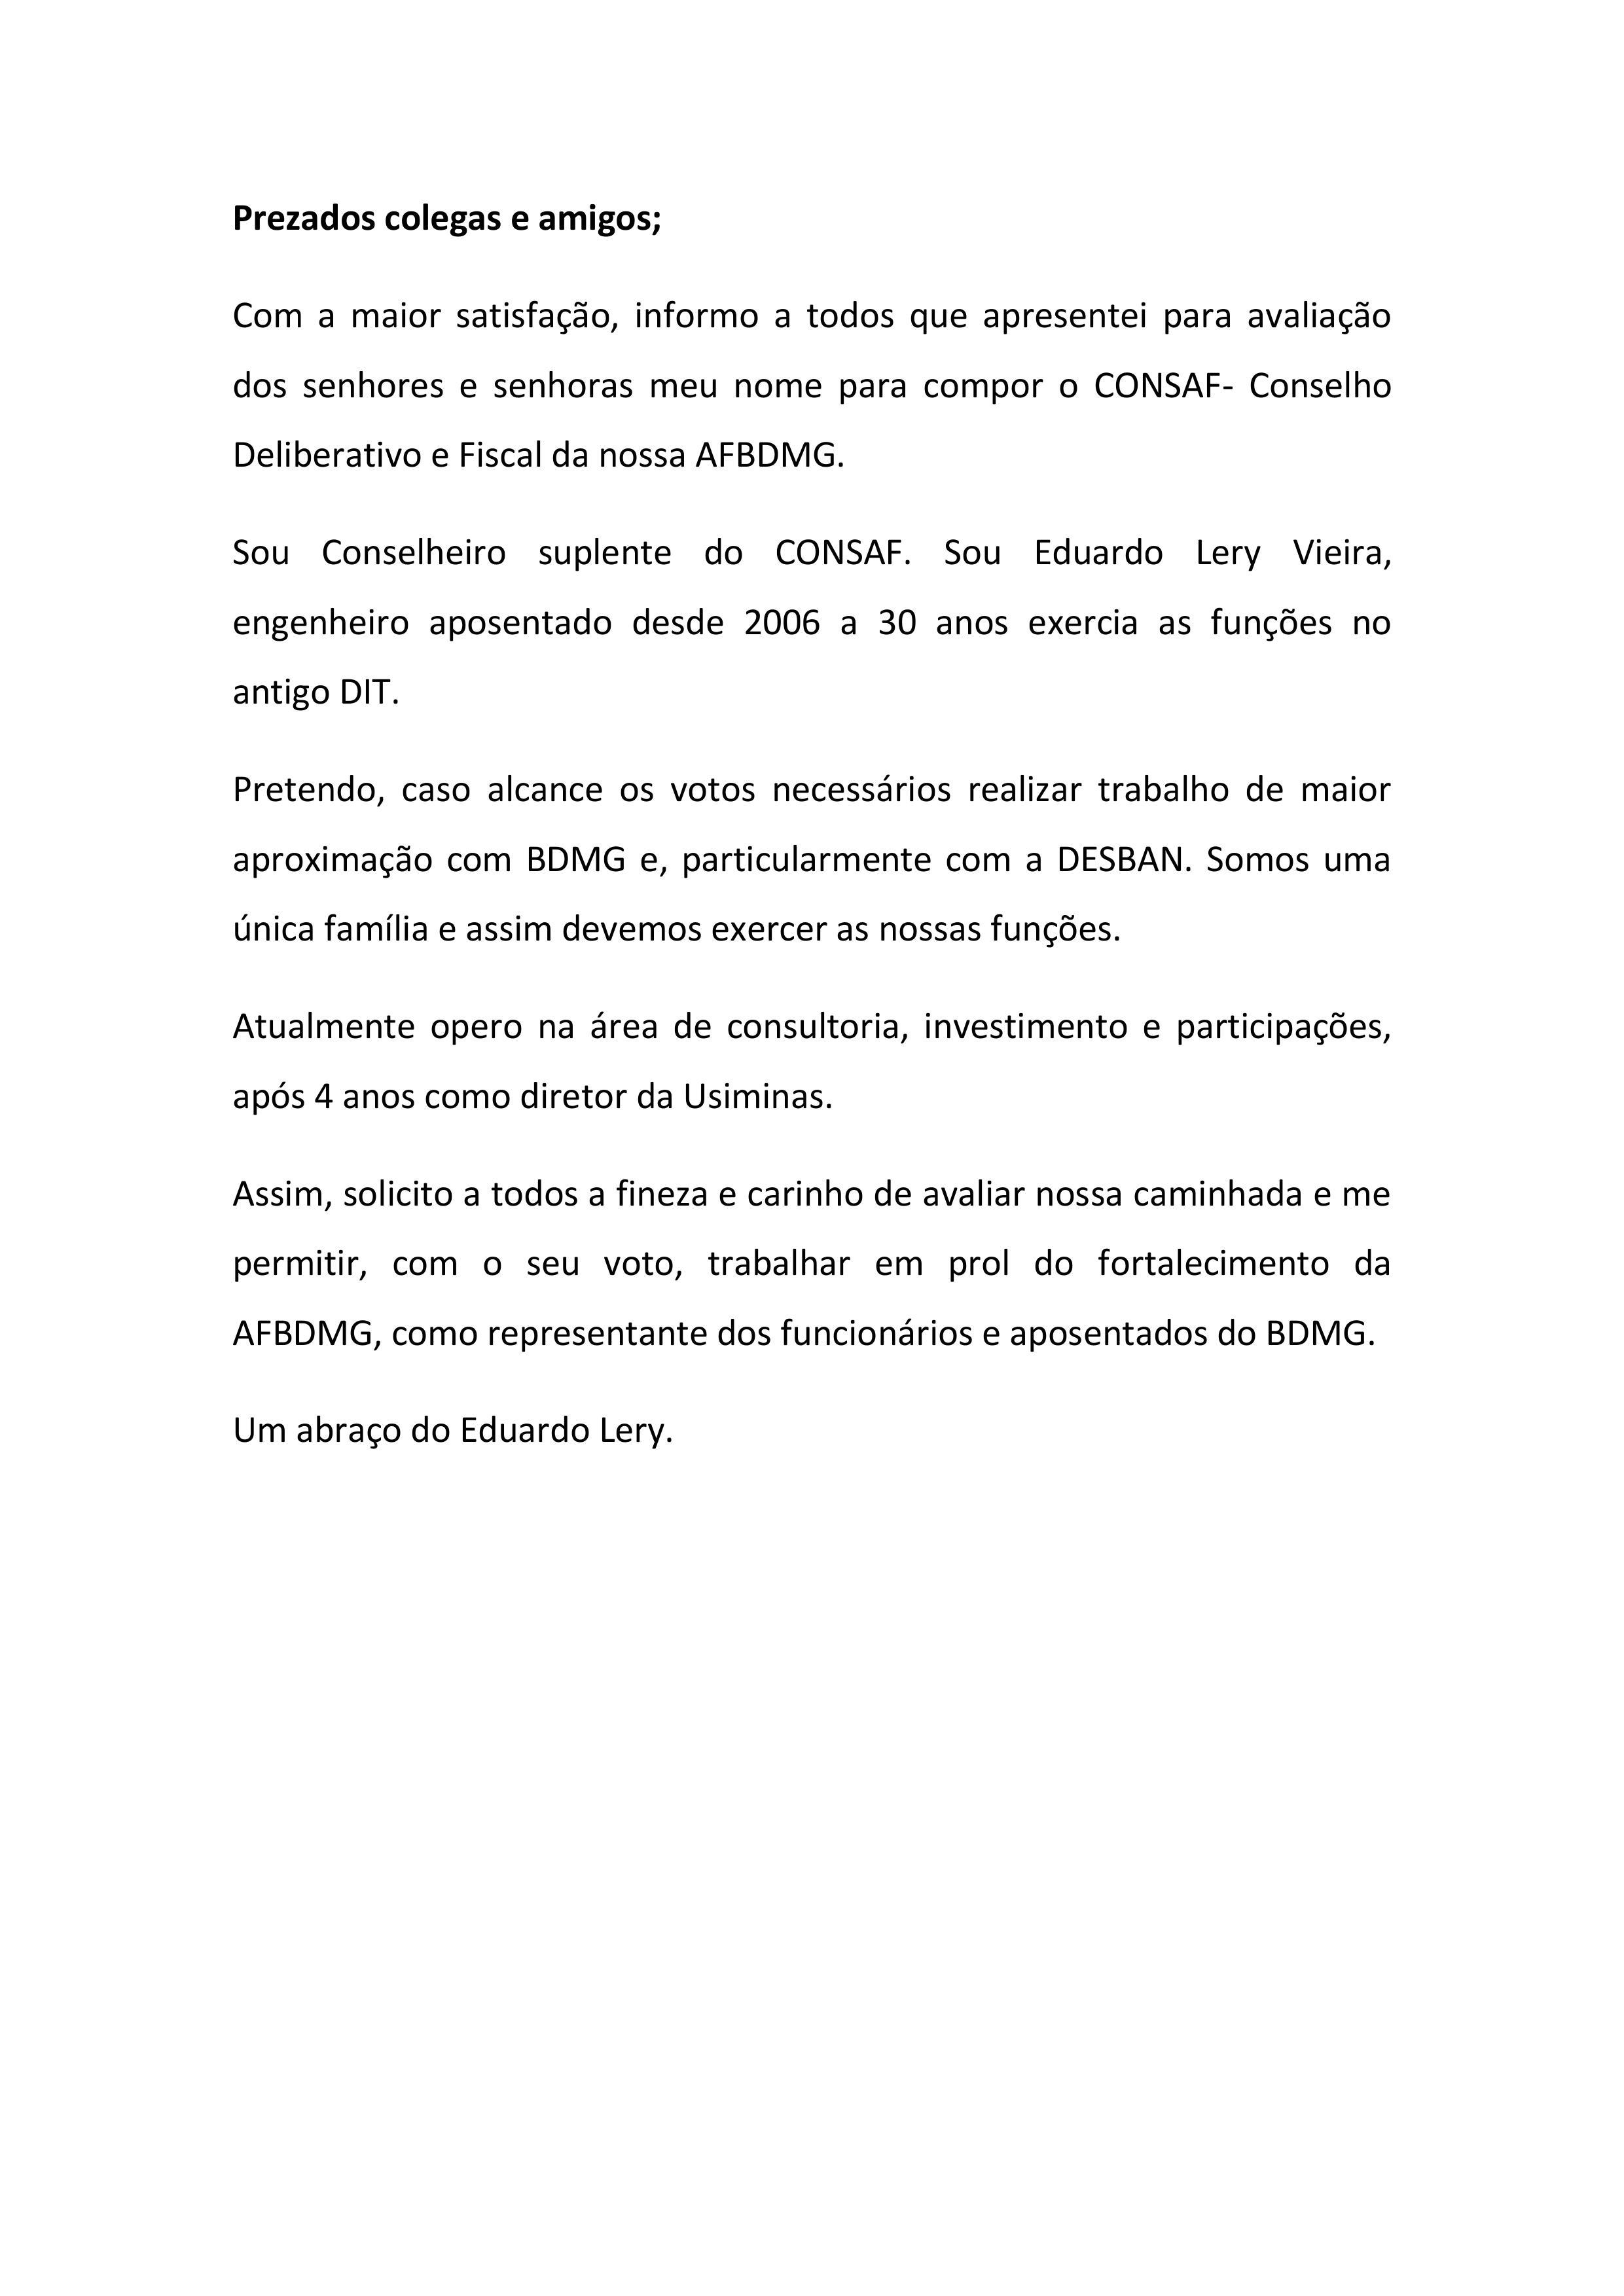 Carta Aberta Eduardo Lery Vieira candidato ao Conselho Deliberativo e Fiscal da AFBDMG